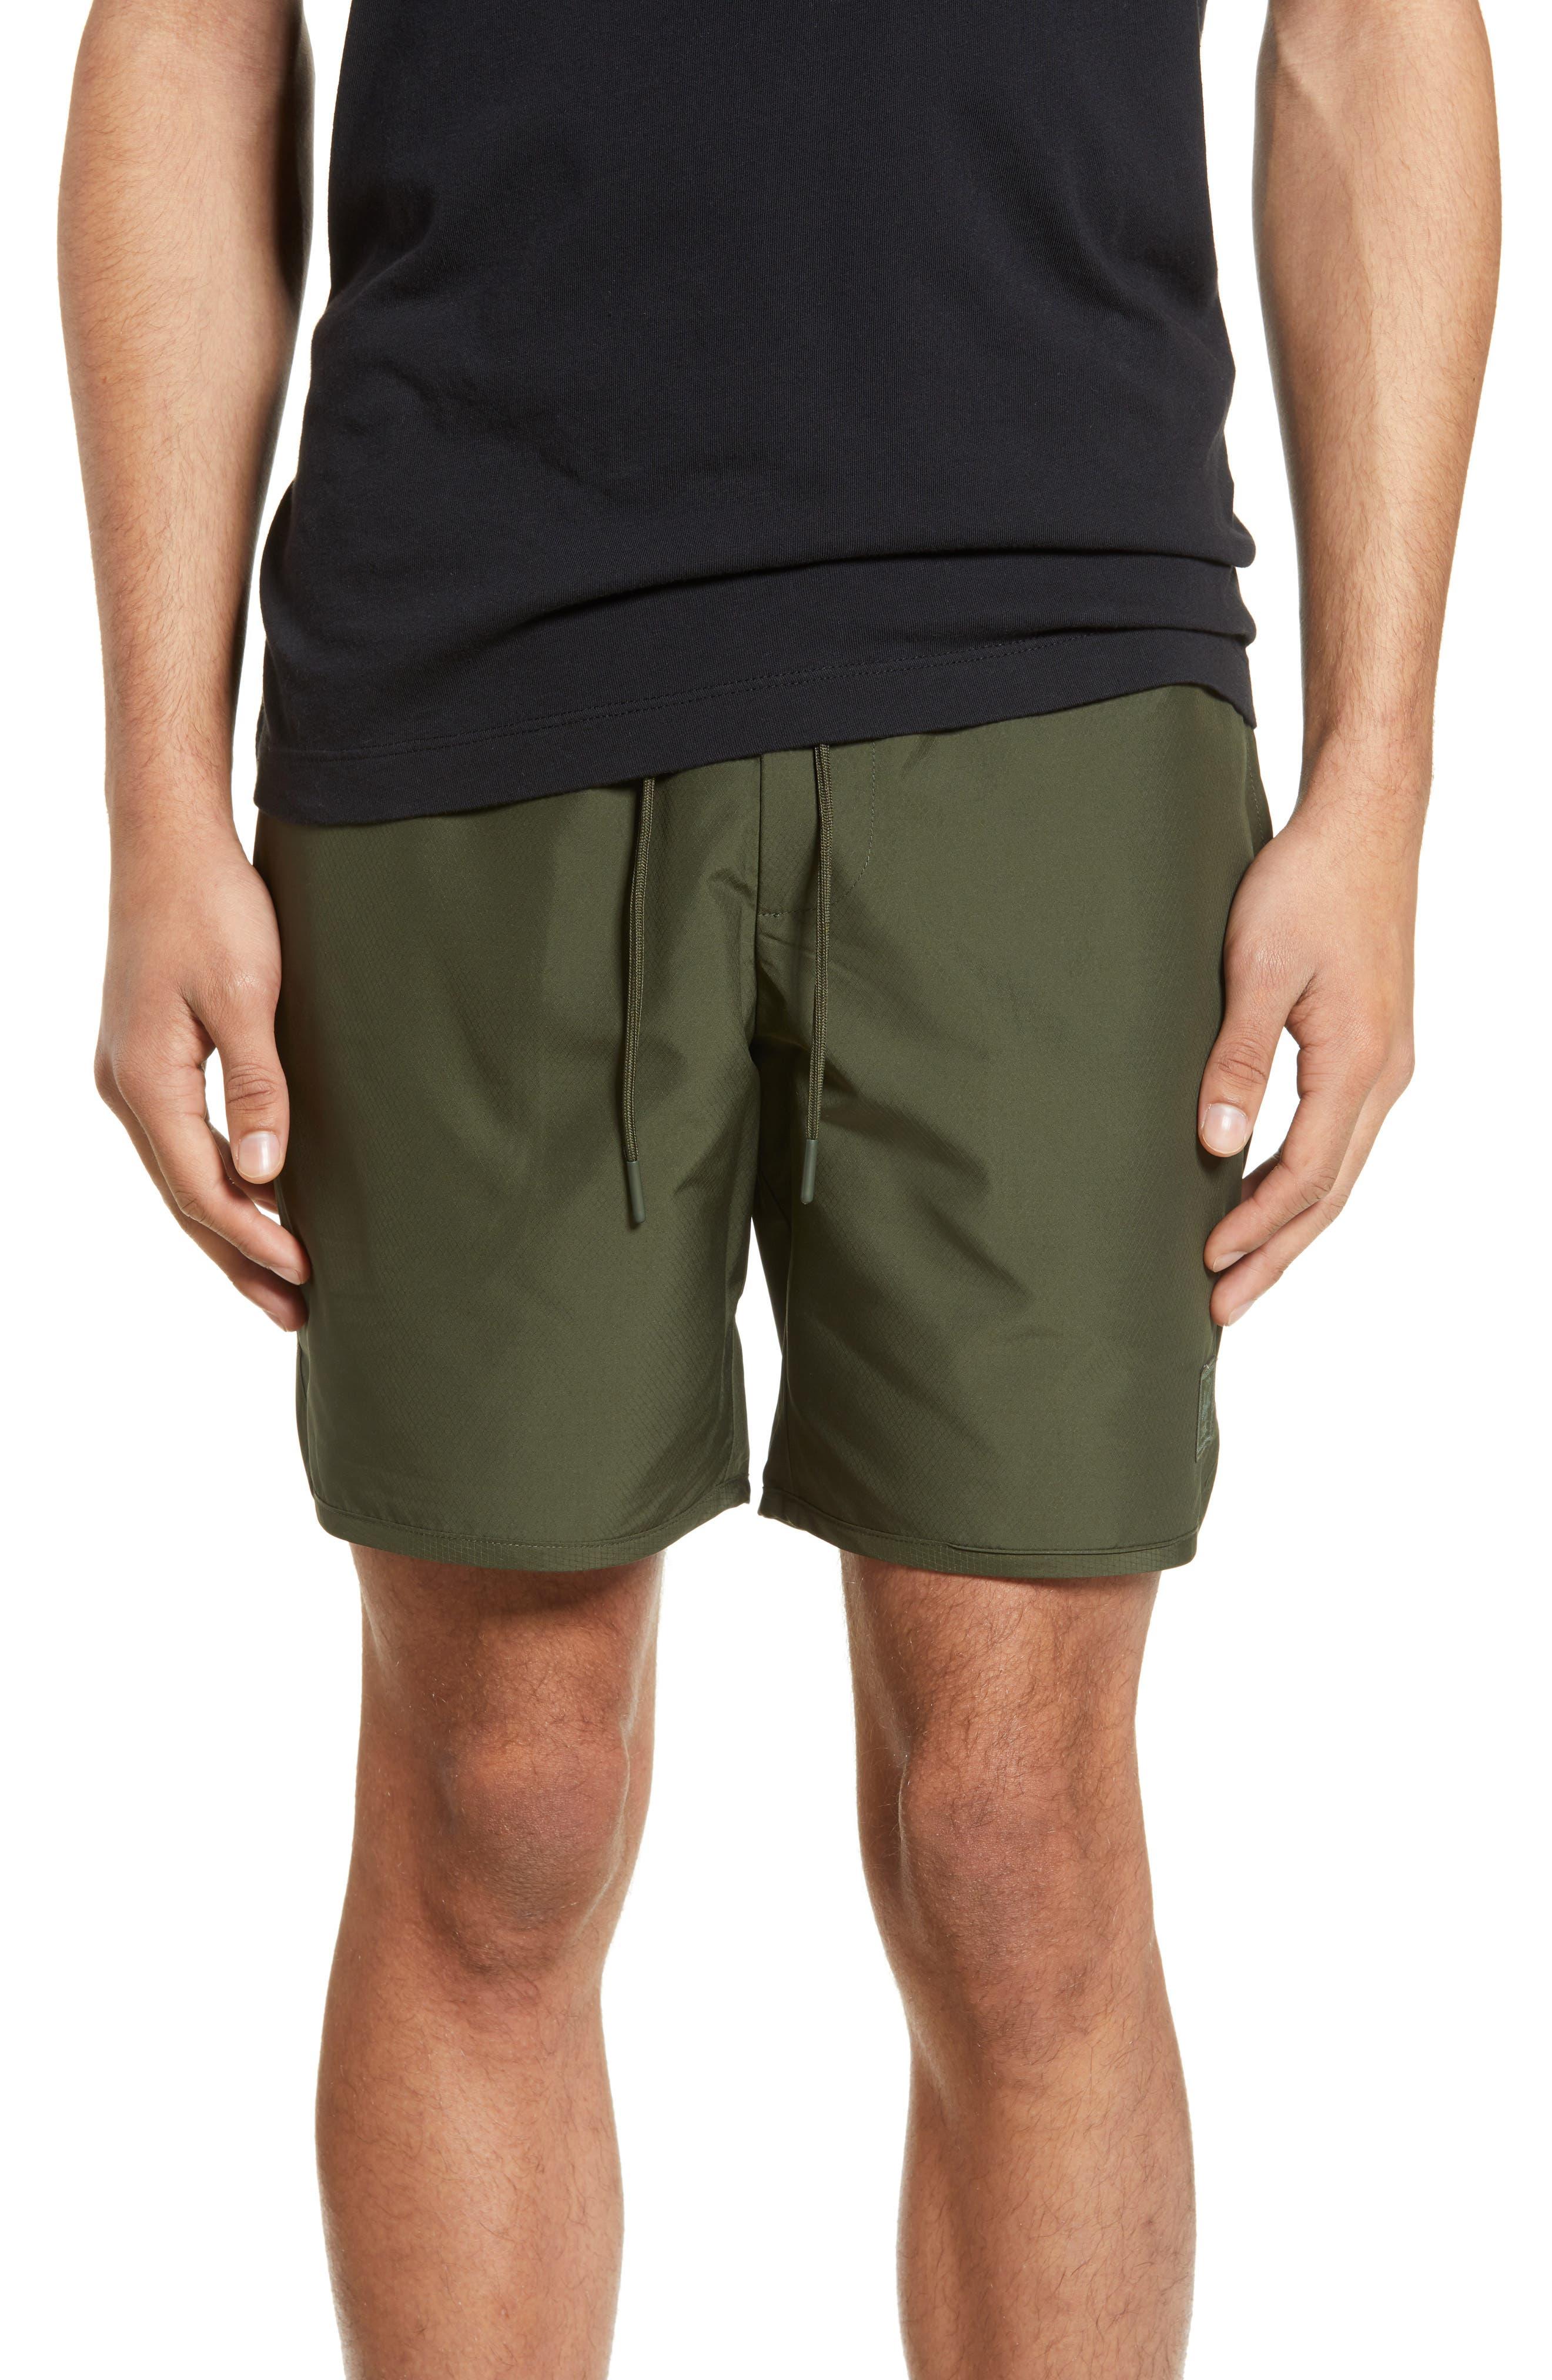 Herschel Supply Co. Voyage Alta Shorts, Green